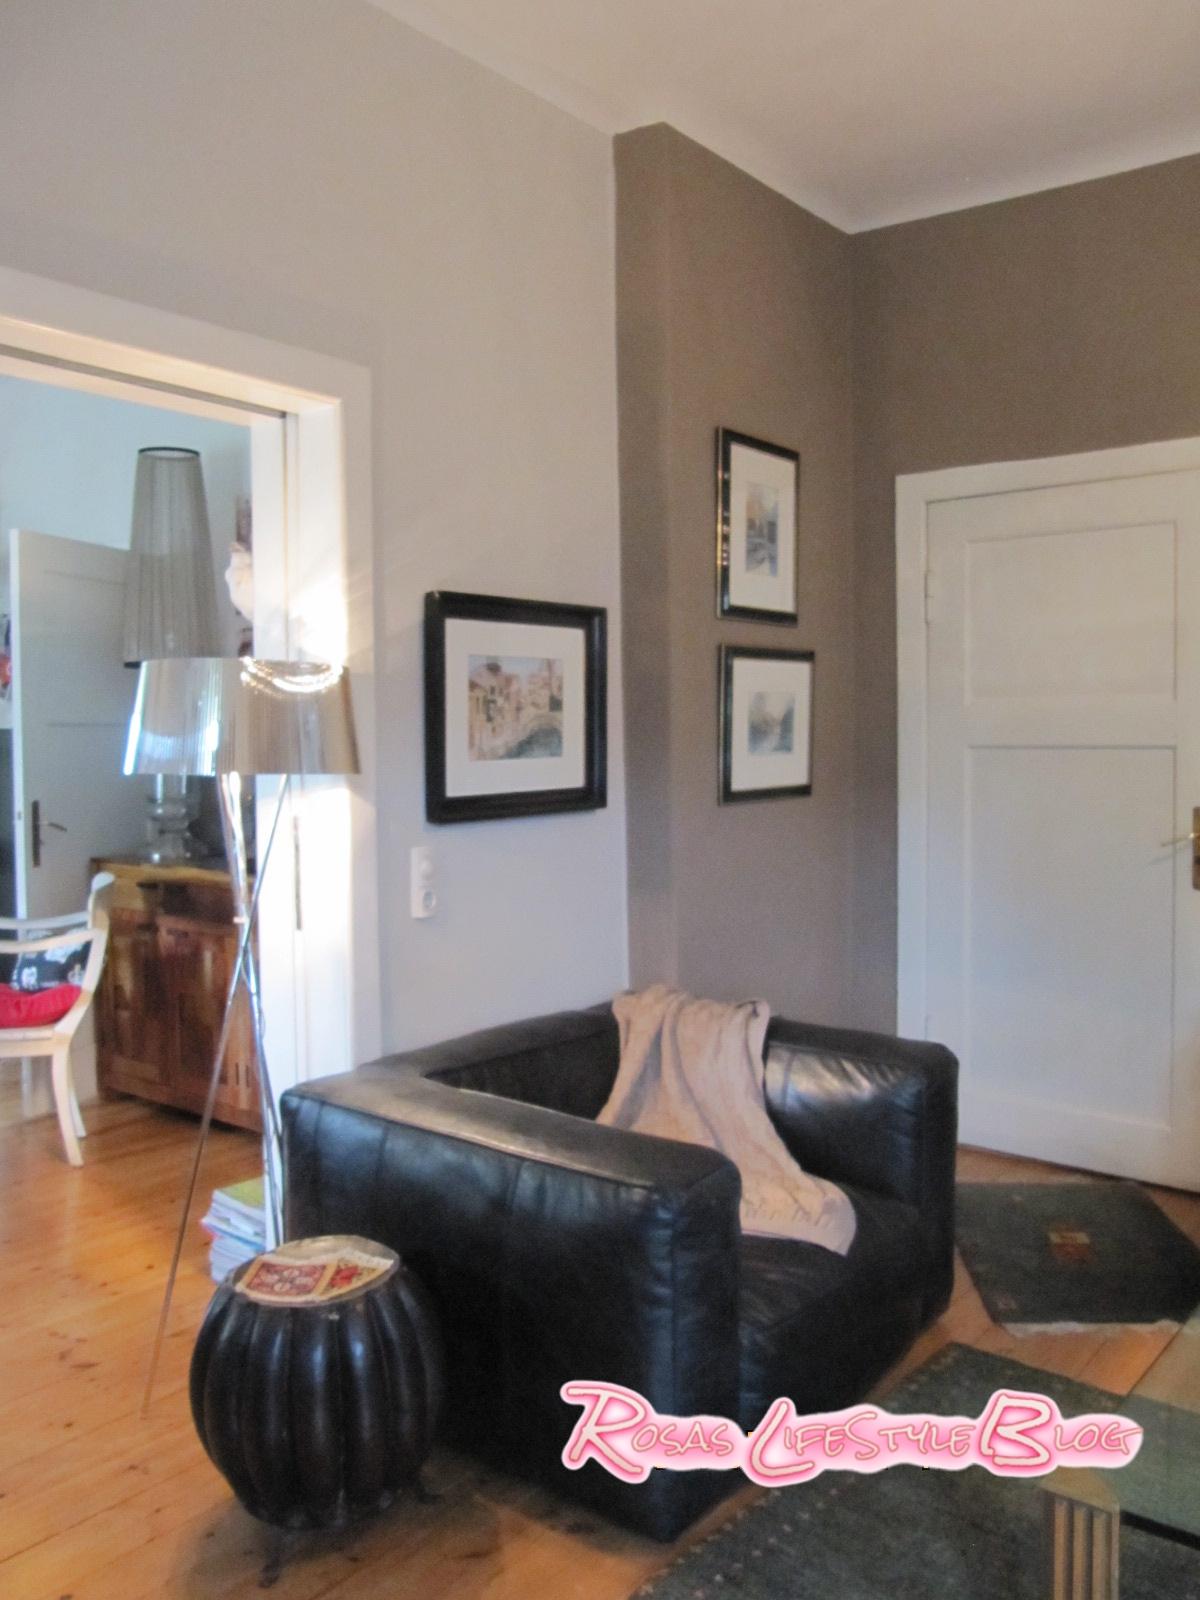 rosas lifestyleblog zwei r ume in zwei tagen die. Black Bedroom Furniture Sets. Home Design Ideas